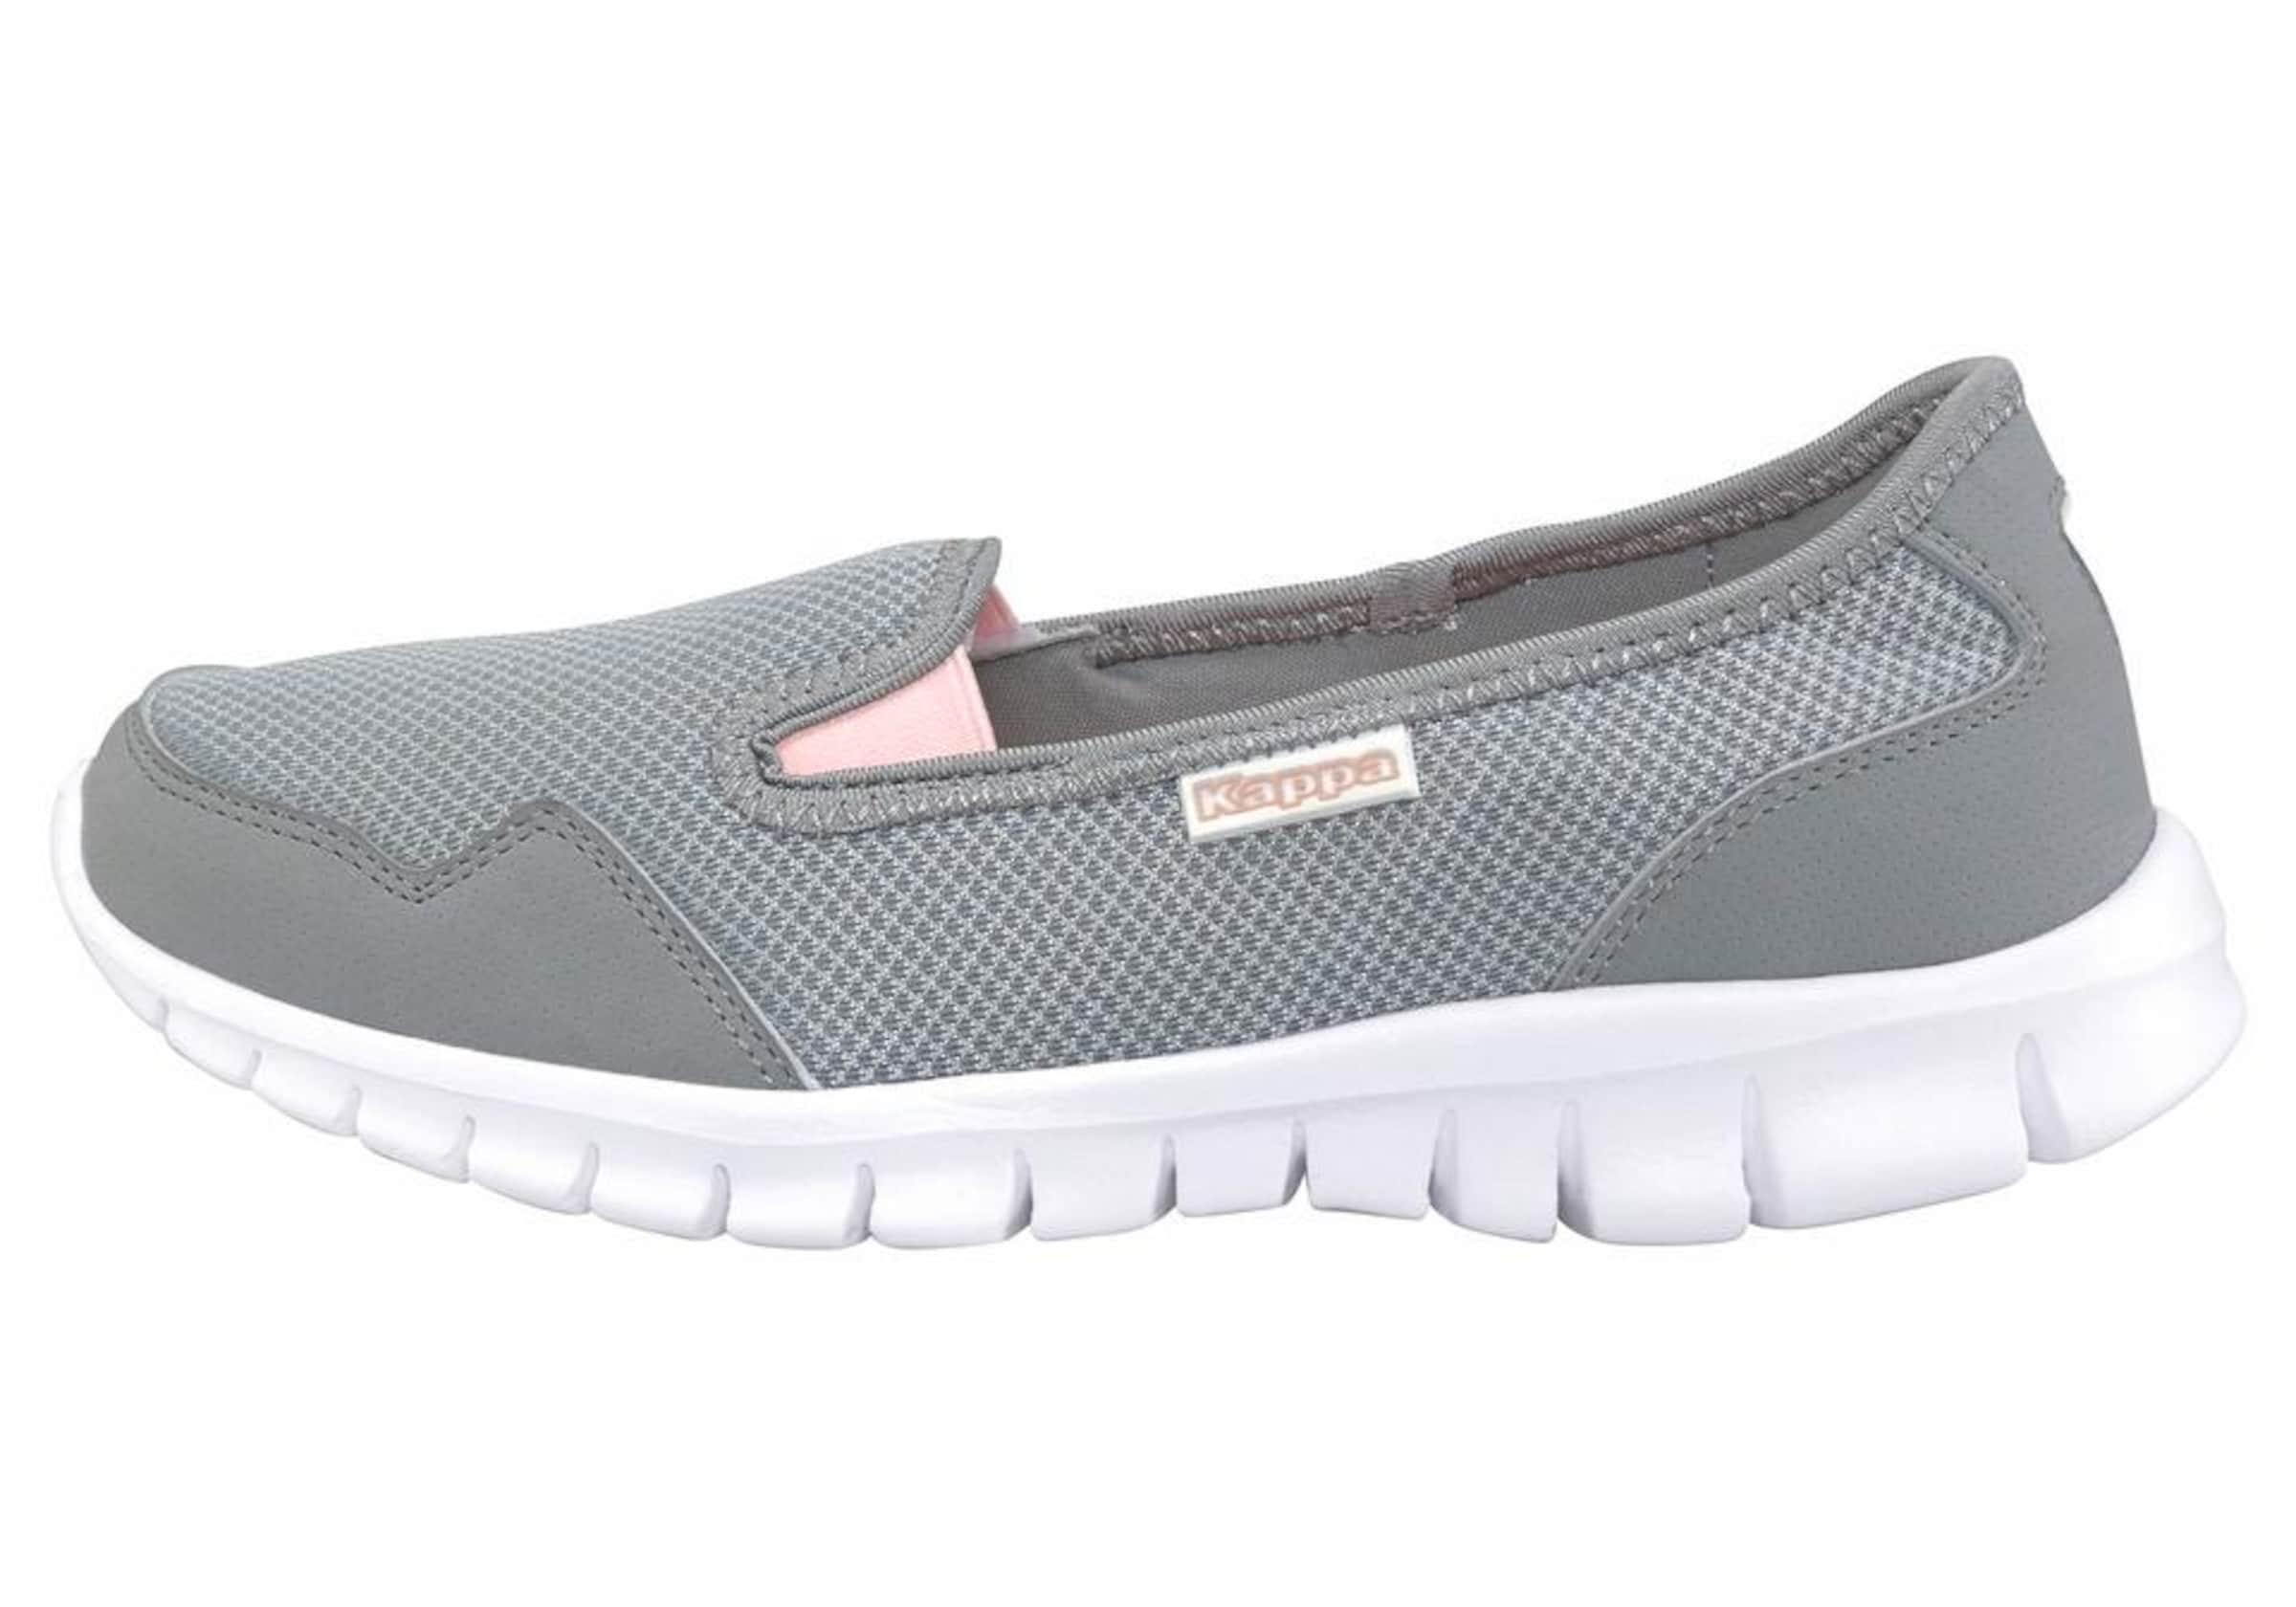 Sehr Billig Verkauf Online Neuesten Kollektionen Online KAPPA Sneaker »Gomera« Rabatt Zahlen Mit Paypal azK1P